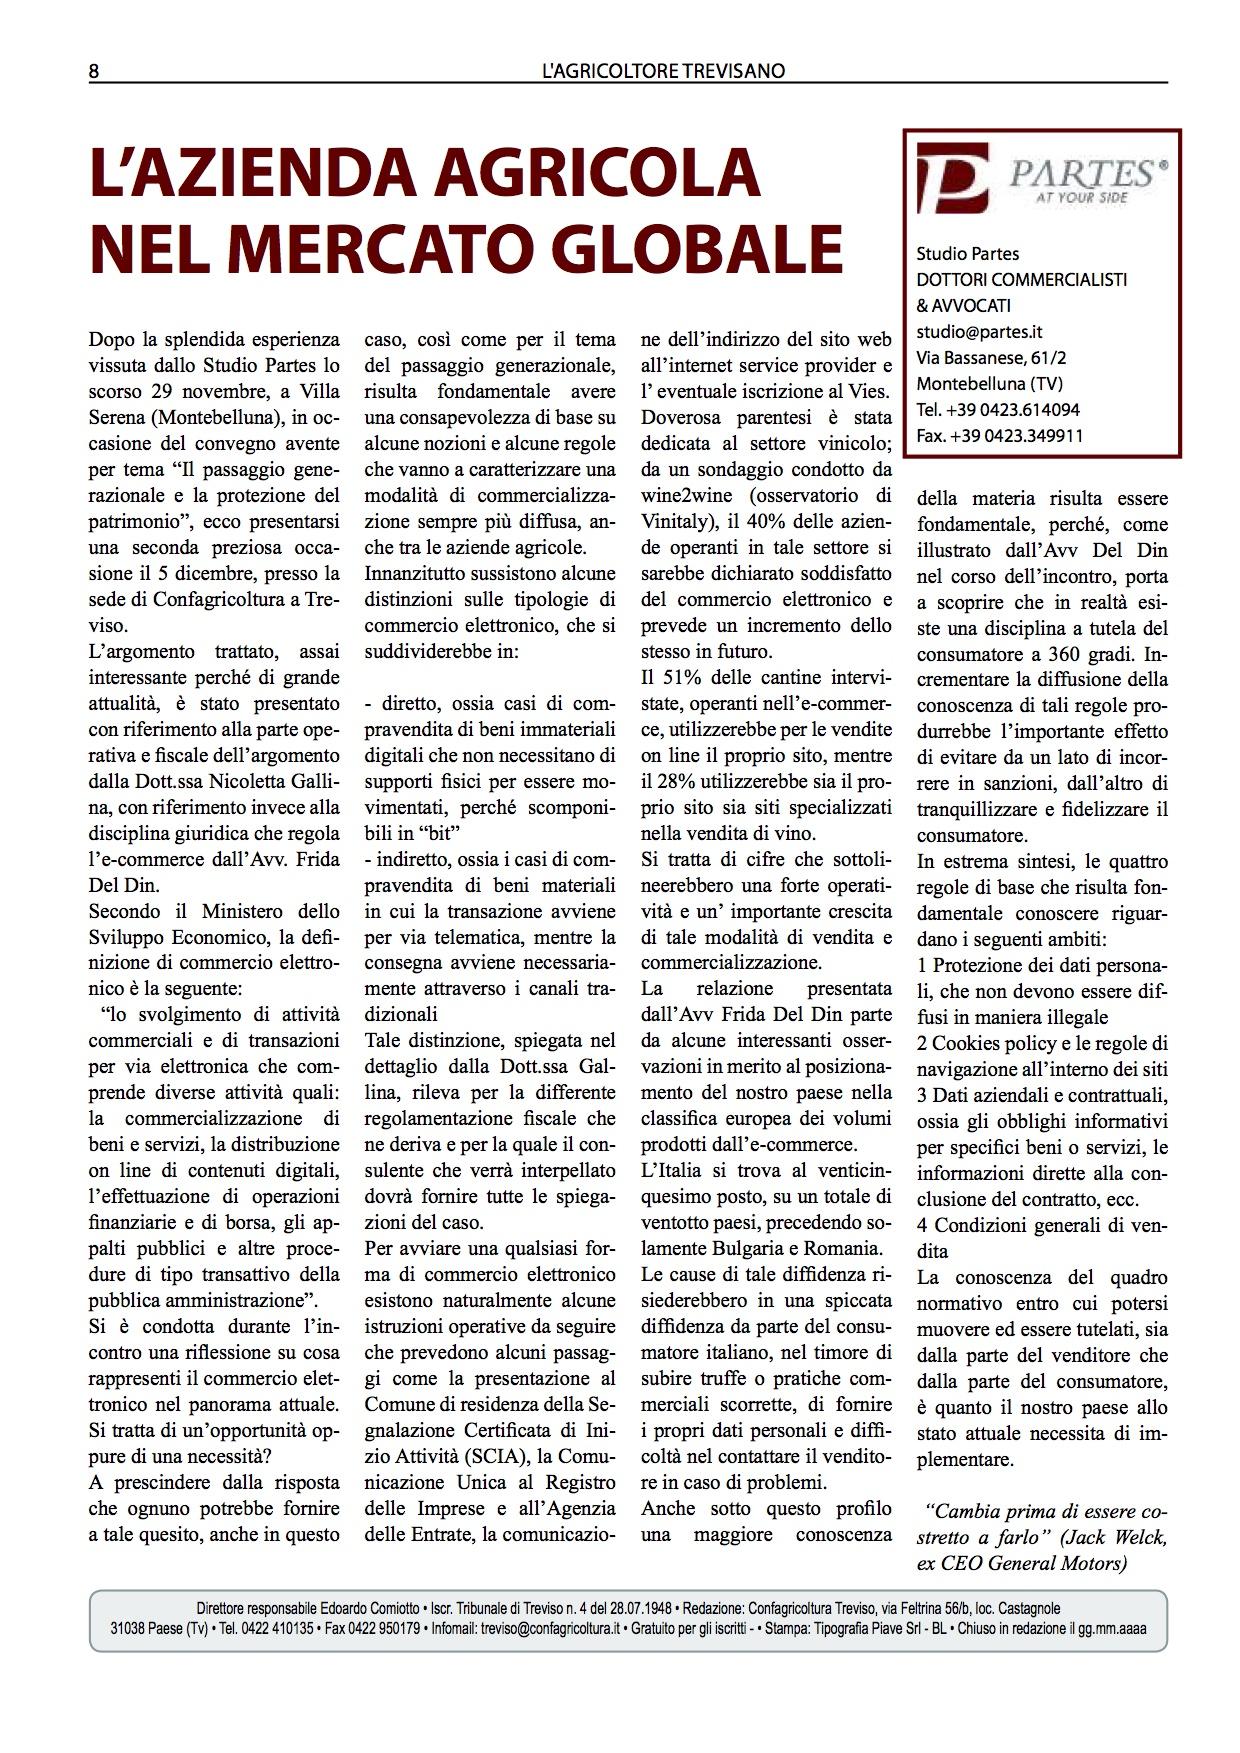 LAZIENDA-AGRICOLA-NEL-MERCATO-GLOBALE.jpg